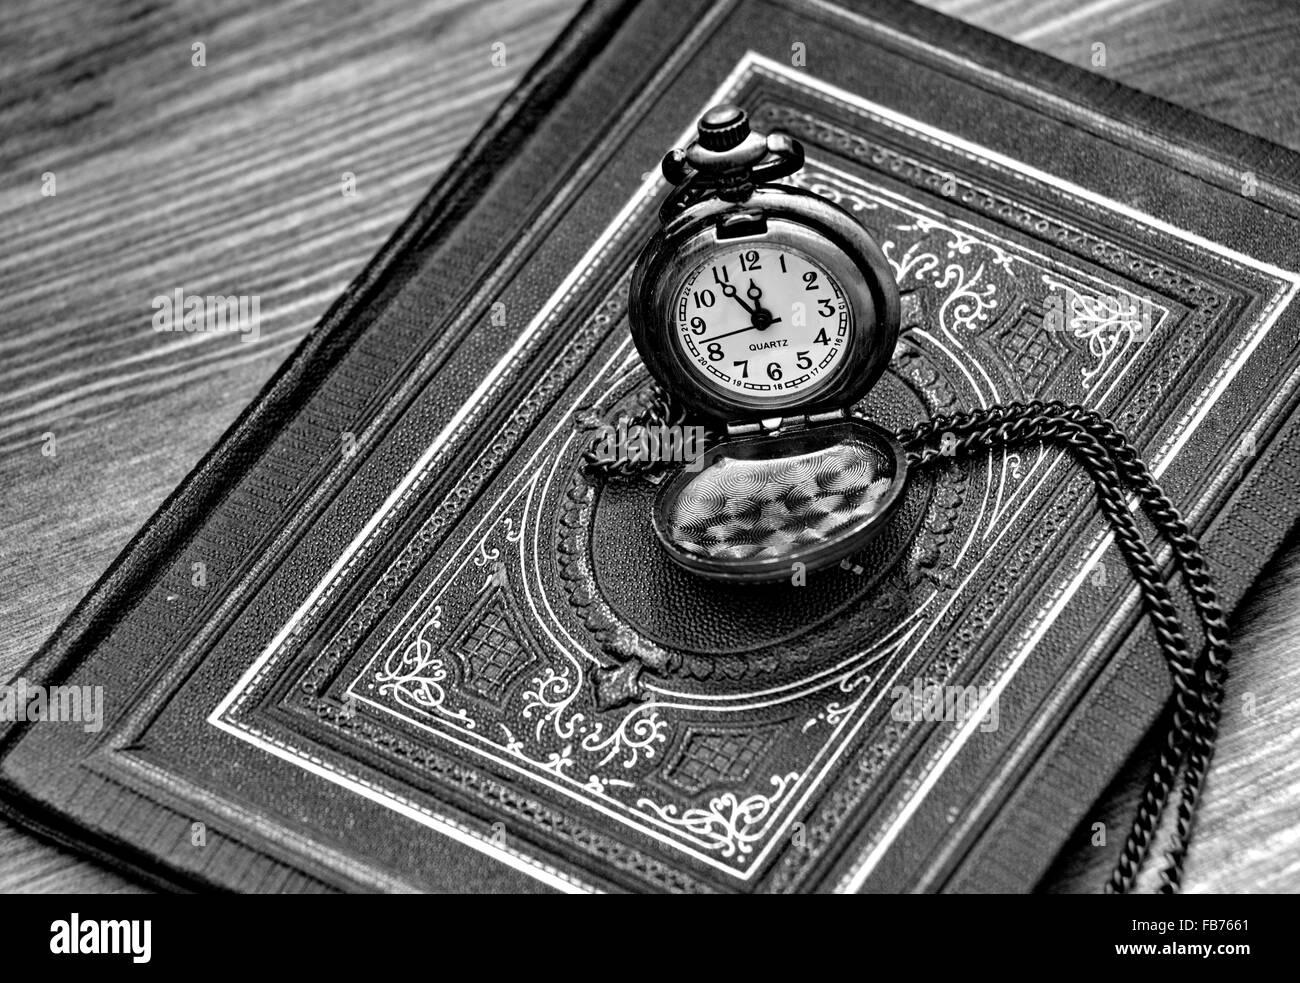 Montre de poche rétro allongé sur le vieux livre d'ornements, en noir et blanc Photo Stock